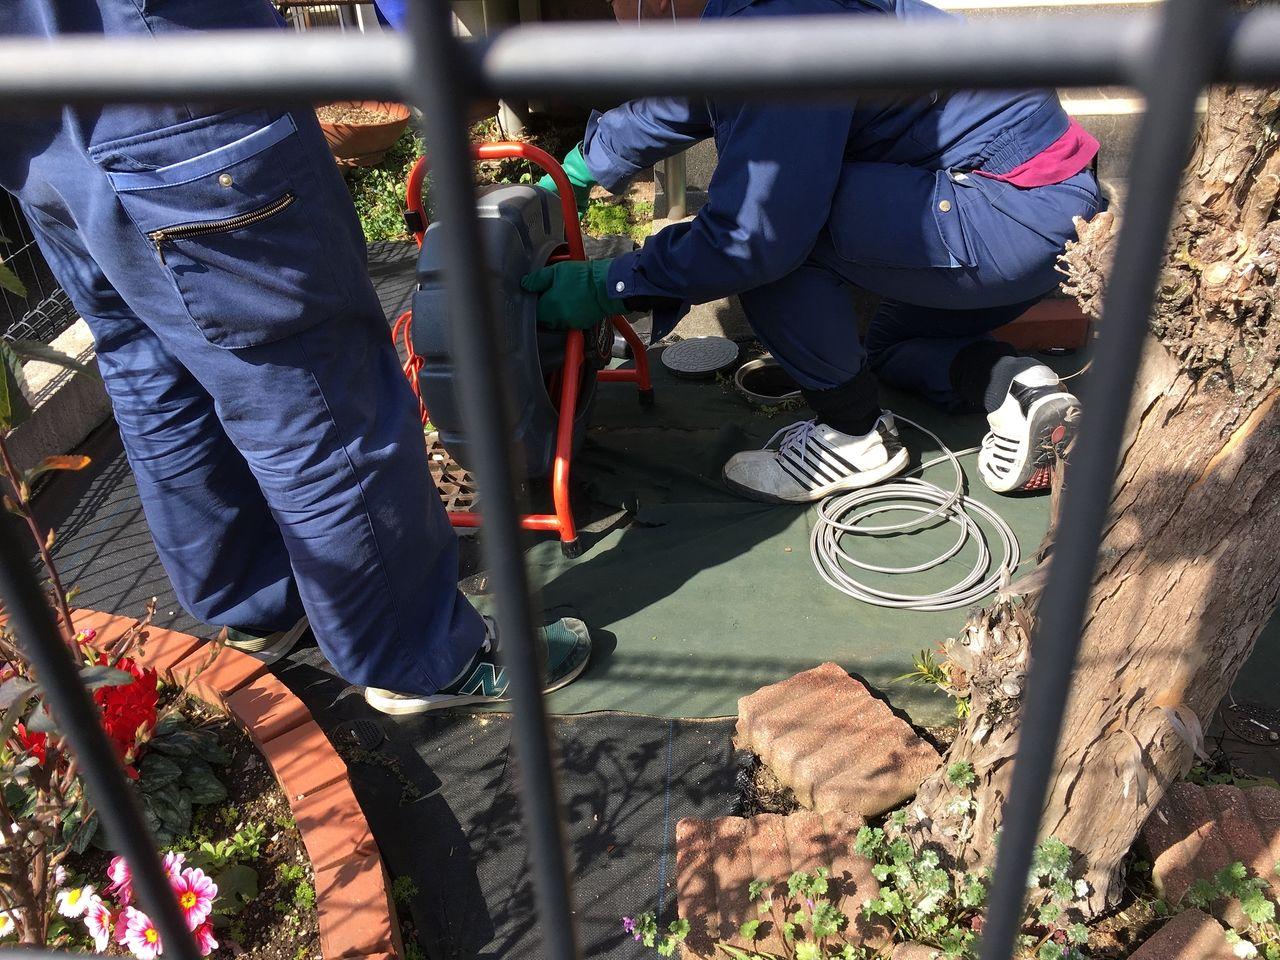 室内ばかりではなく敷地内の室外での排管の清掃作業